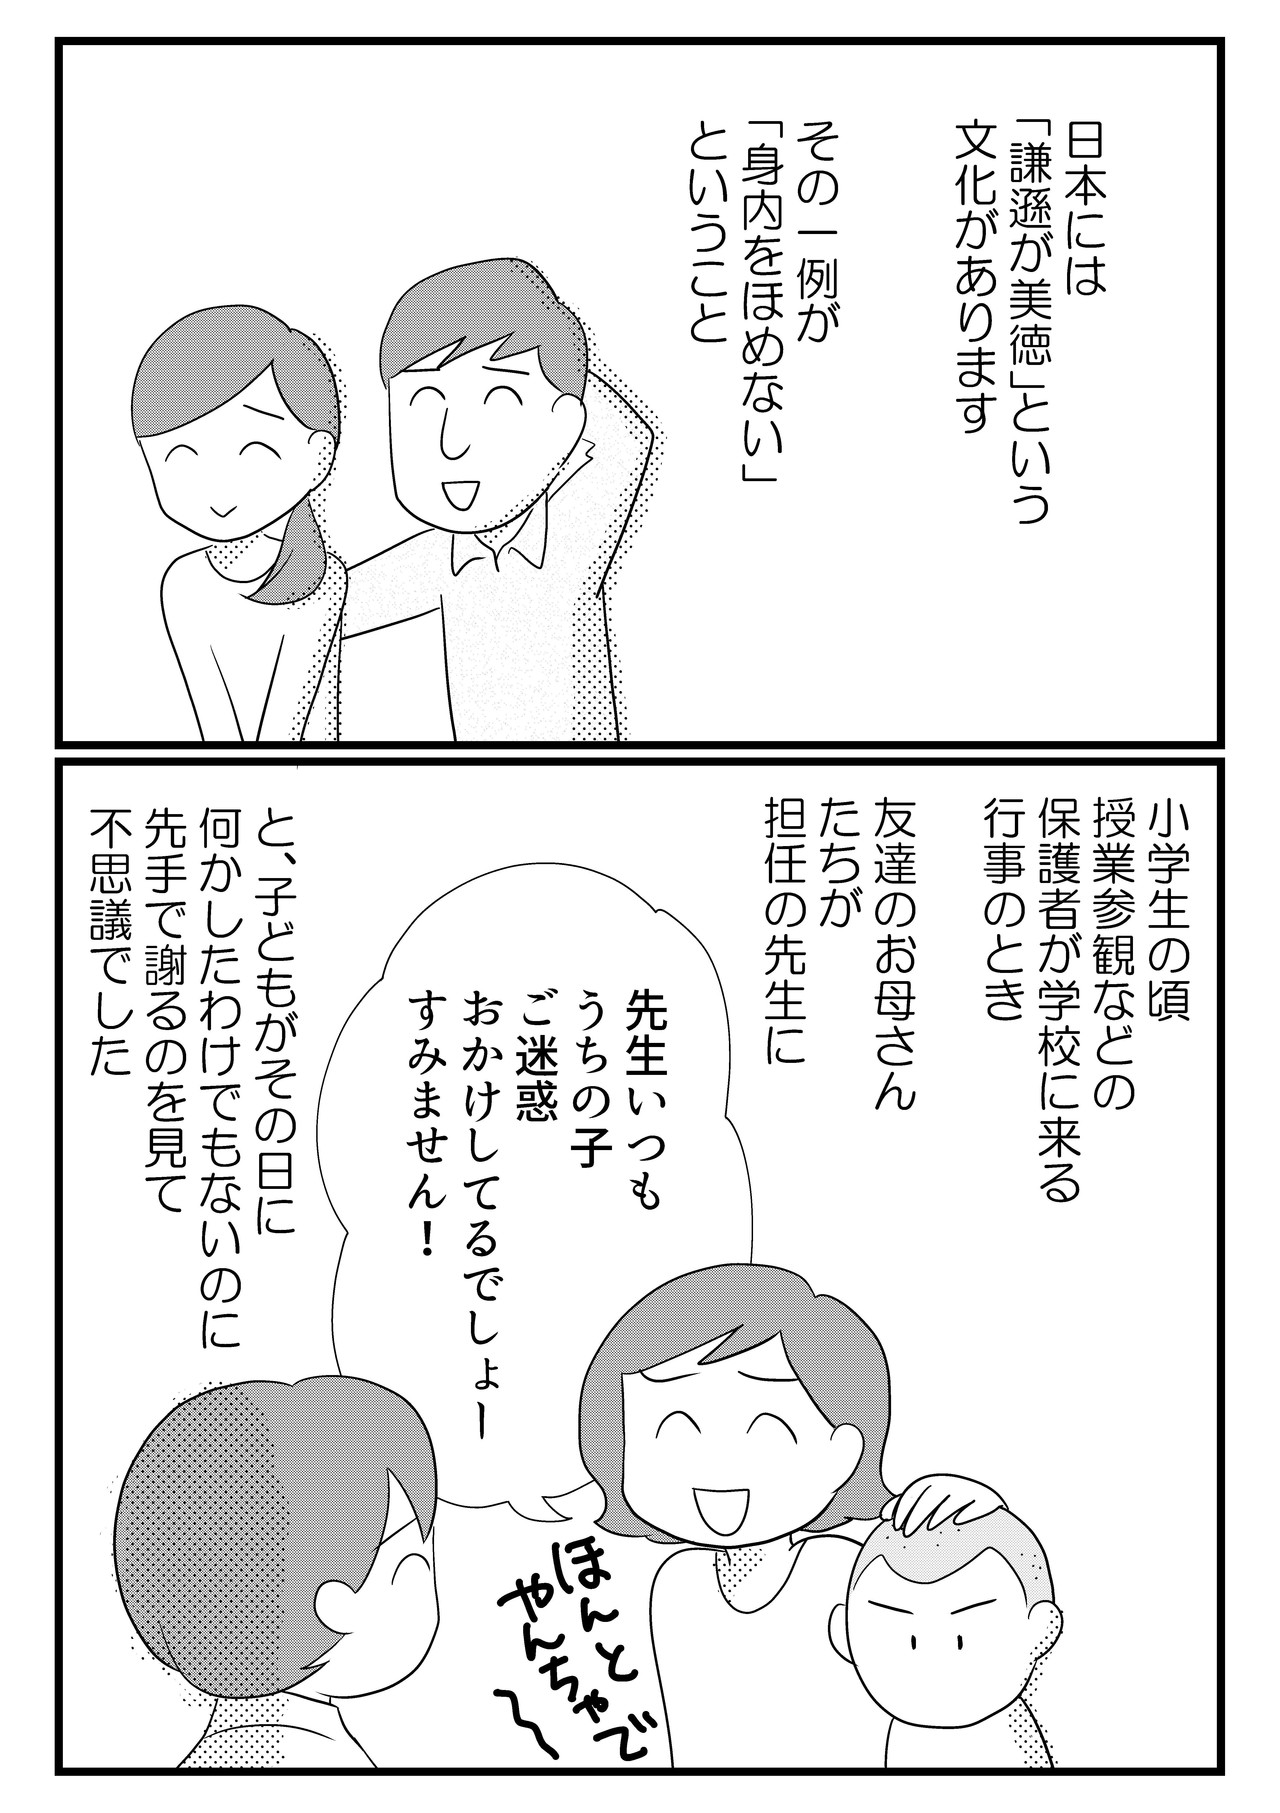 20170719_我が子をほめてくれた母-1